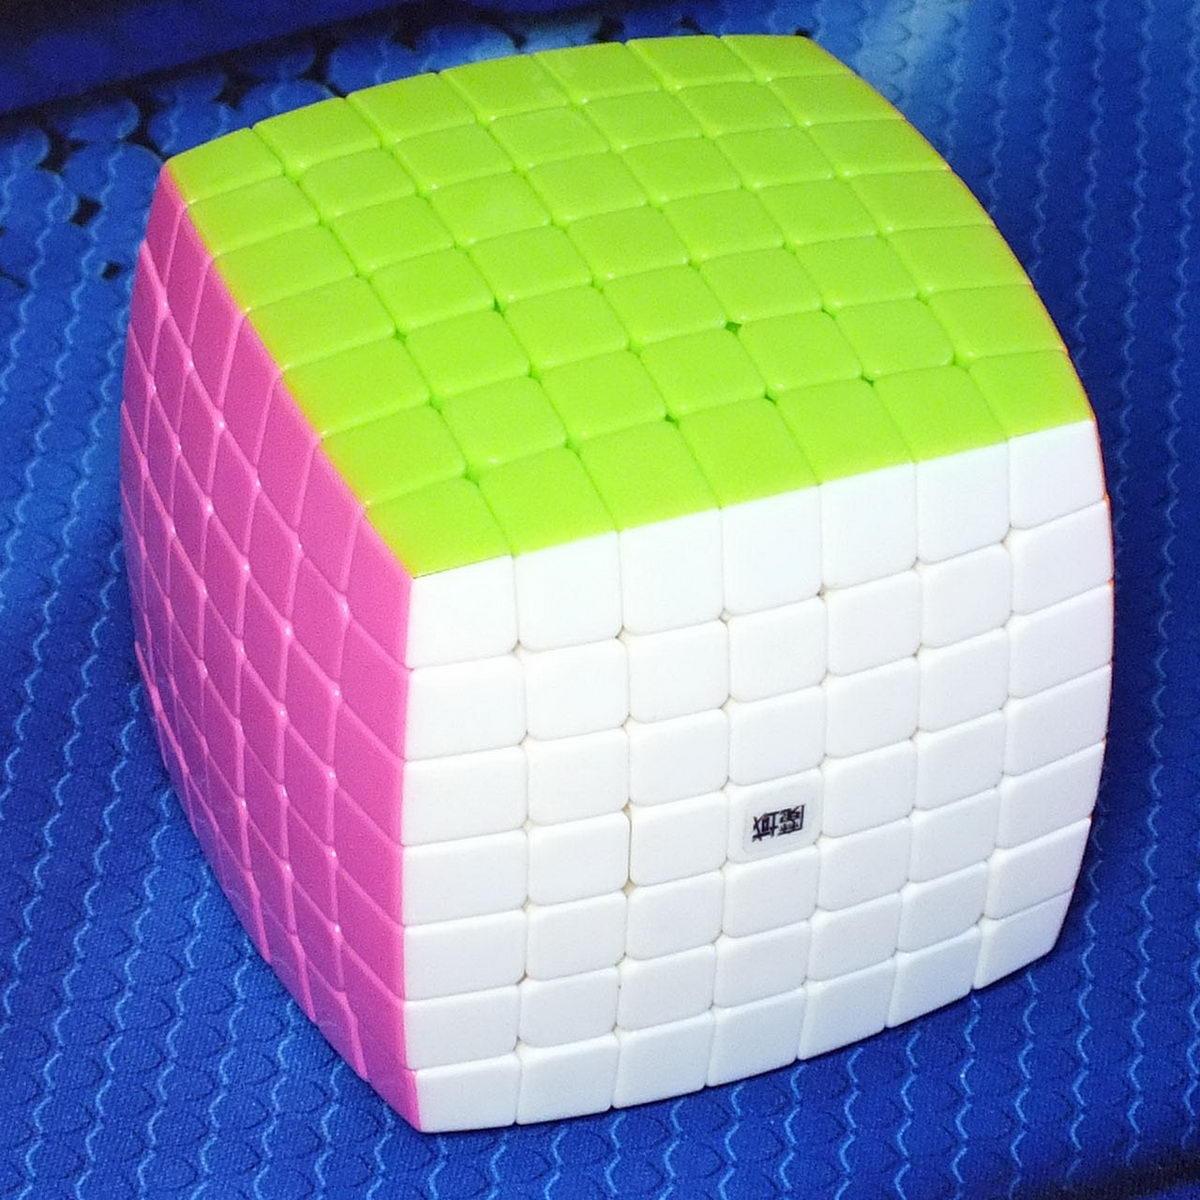 Moyu Aofu 7x7 stickerless pink